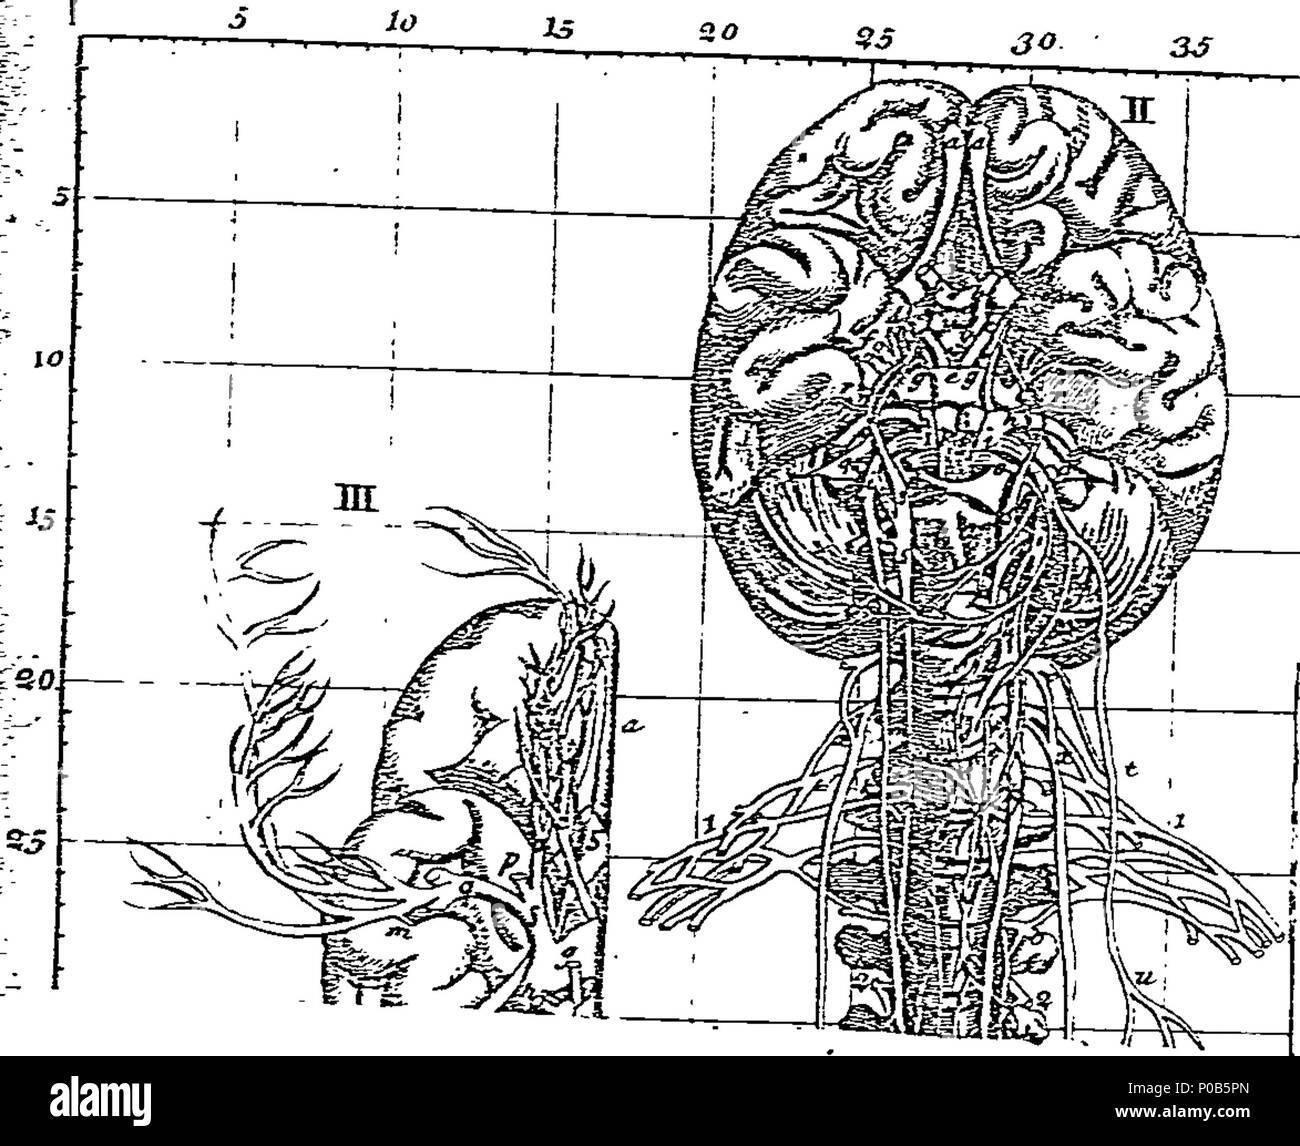 Wunderbar Positionen Des Körpers In Der Anatomie Fotos - Physiologie ...